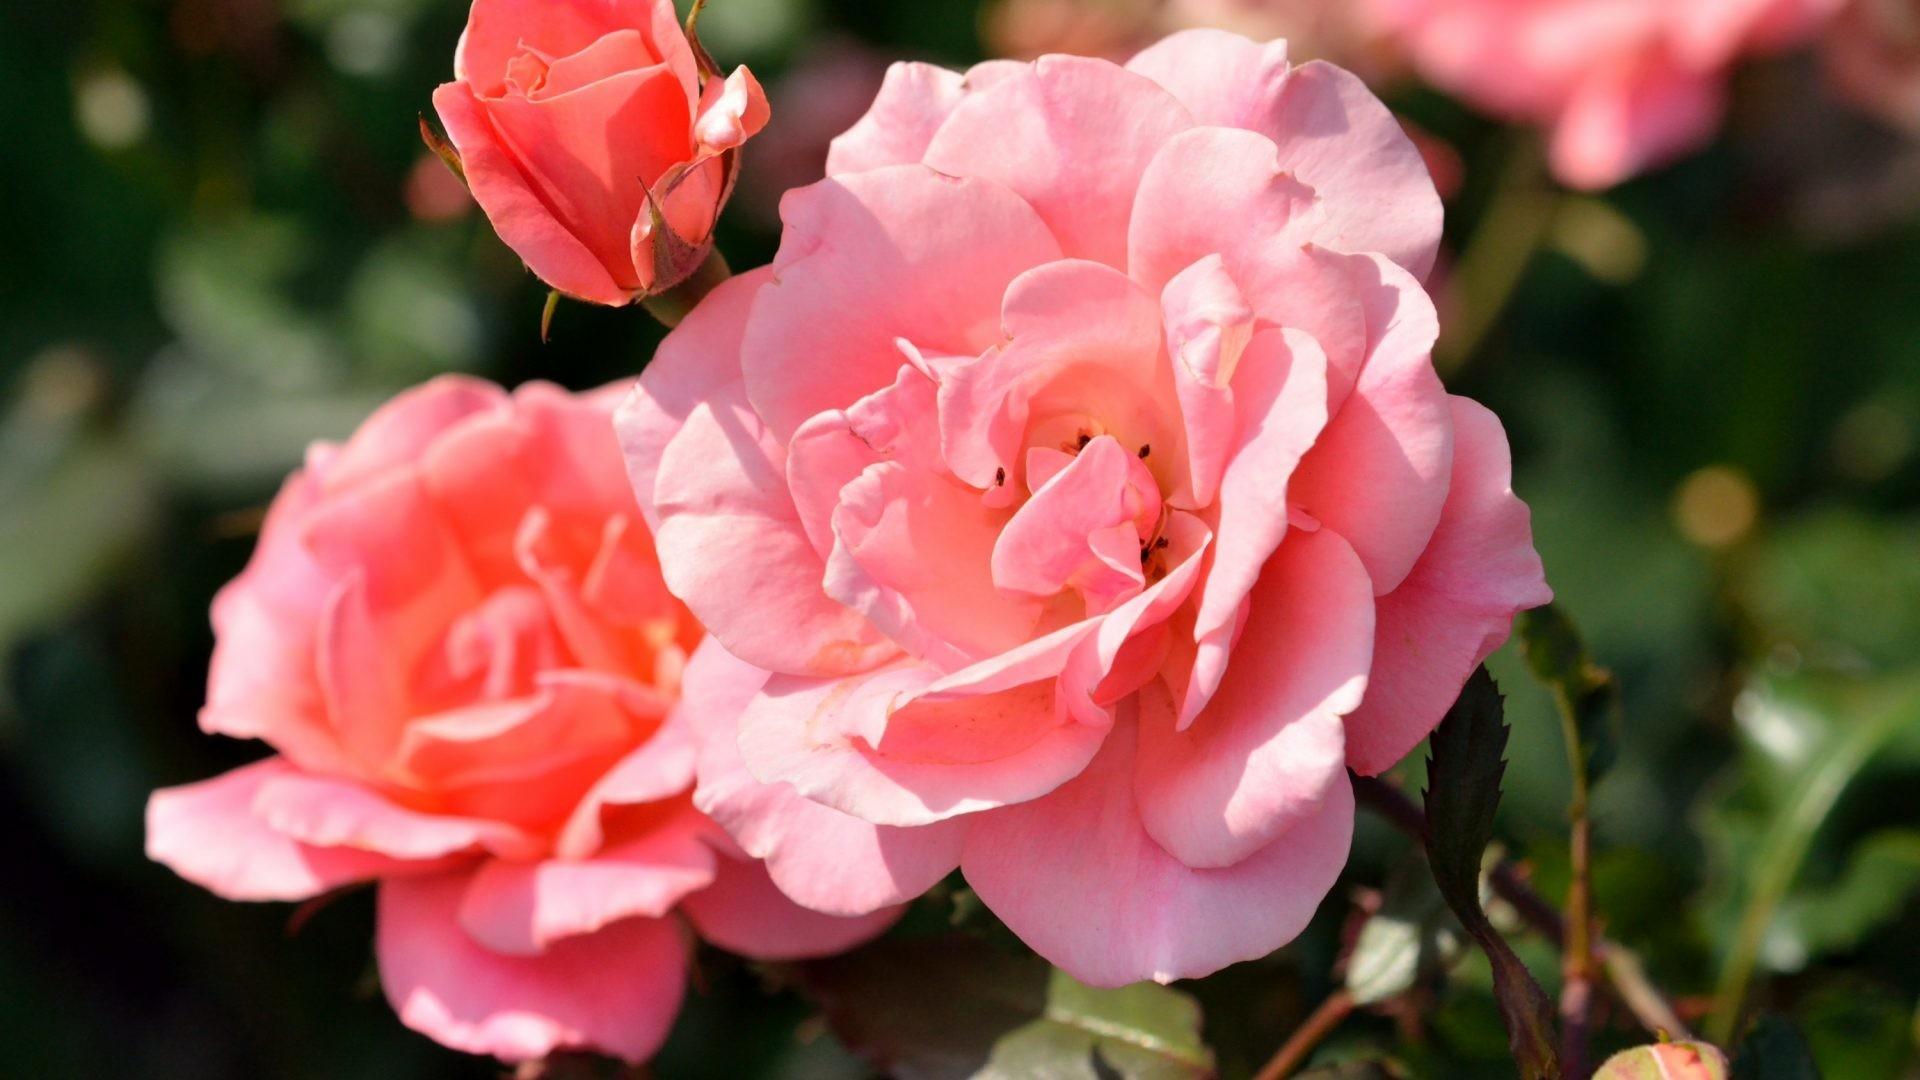 Roses wallpaper screensavers 34 images - Rose screensaver ...